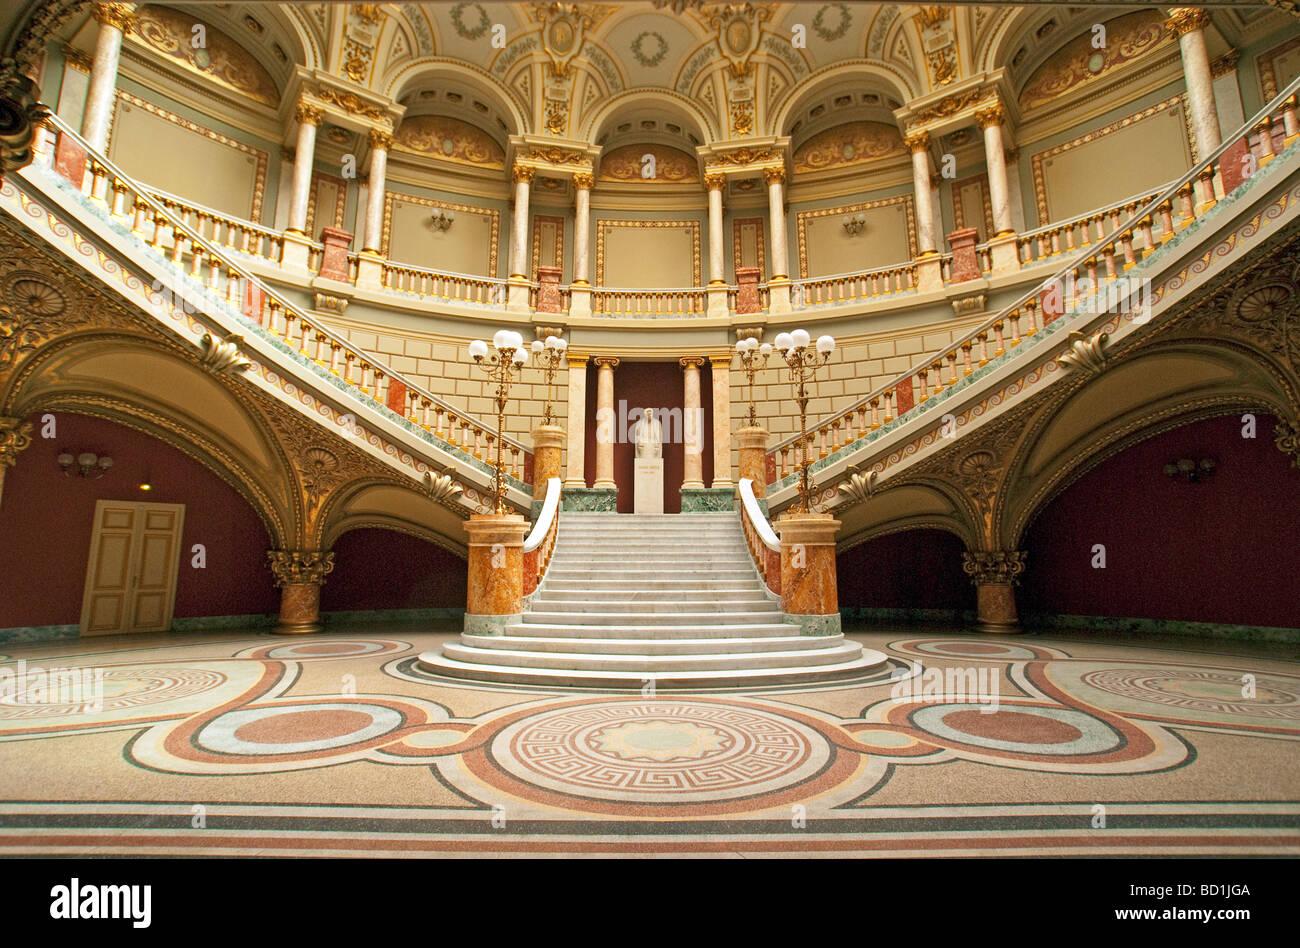 Bukarester Rumänisch Athenaeum Konzertsaal im neoklassizistischen Stil Stockfoto